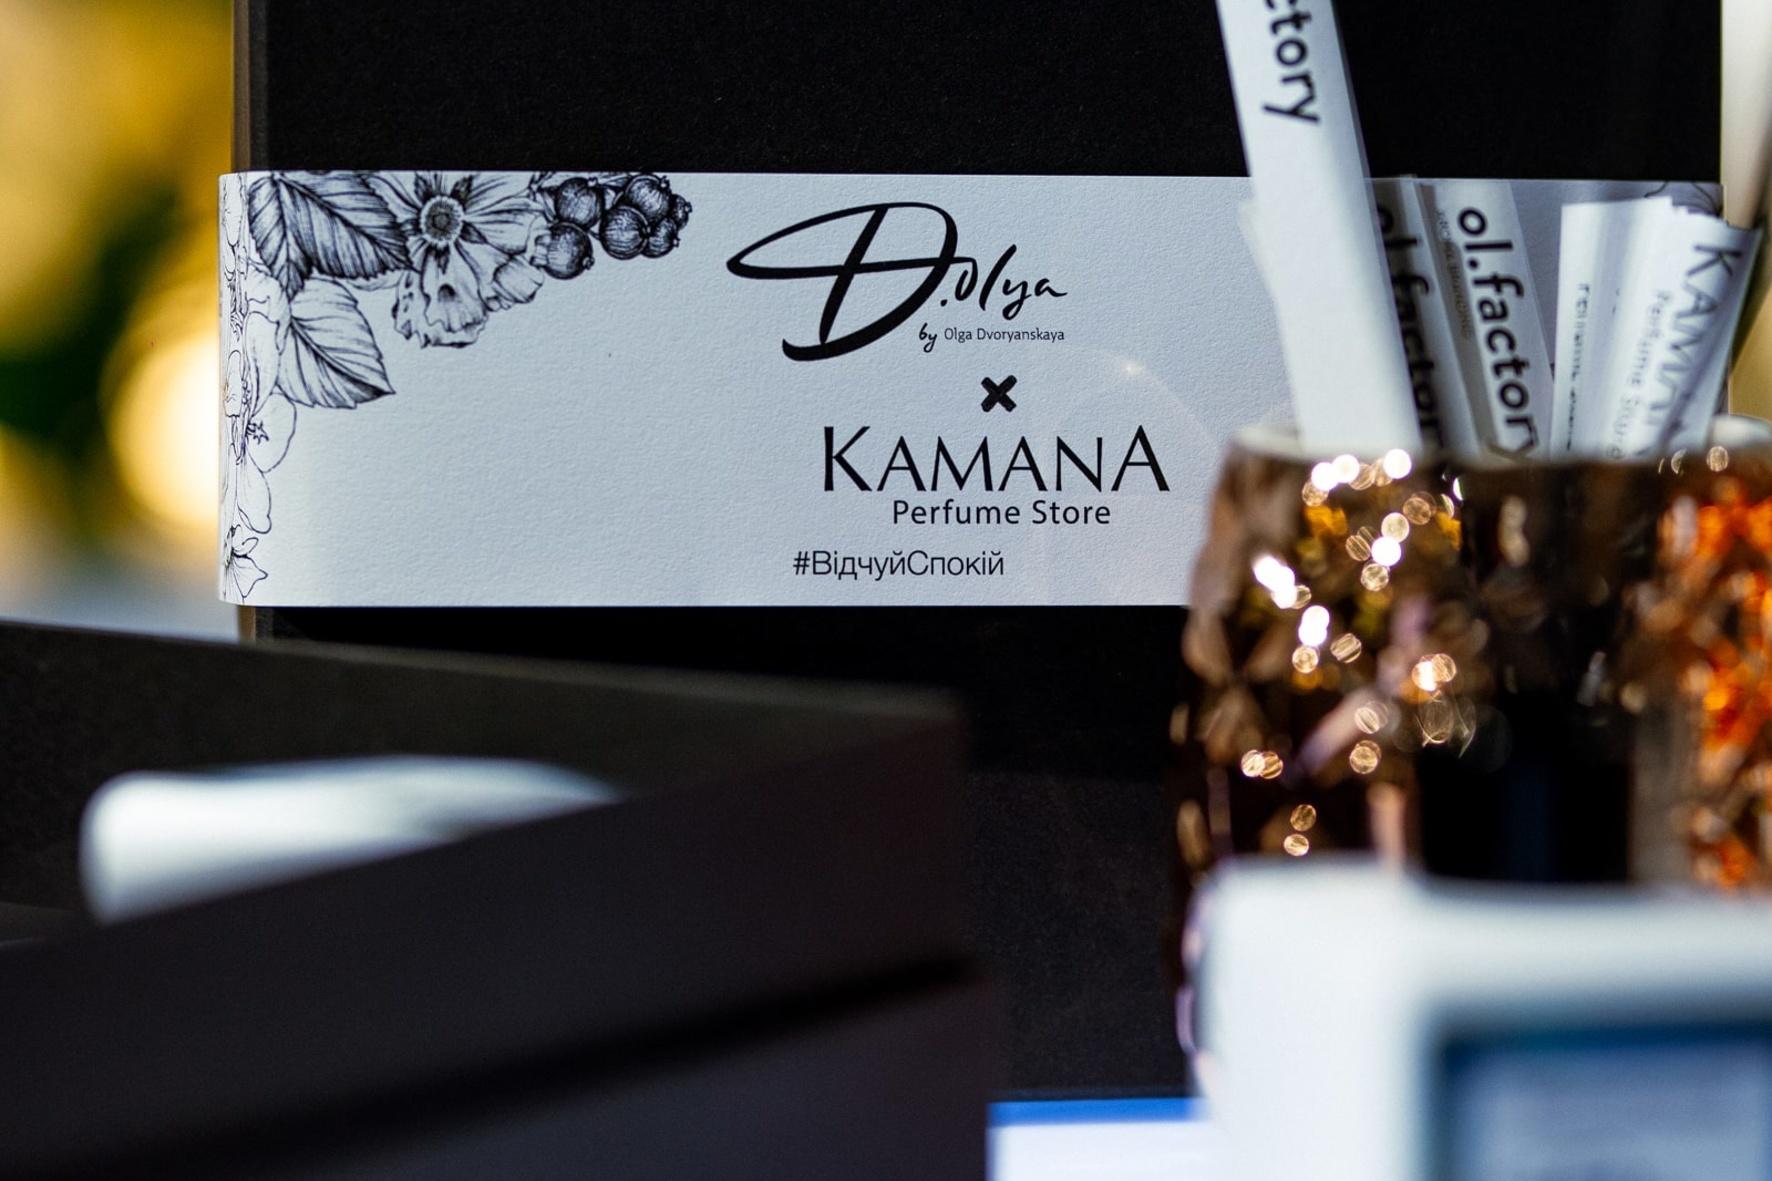 У Києві відбулася презентація проекту #ВідчуйСпокій від бутіка Kamana і бренду D.OLYA